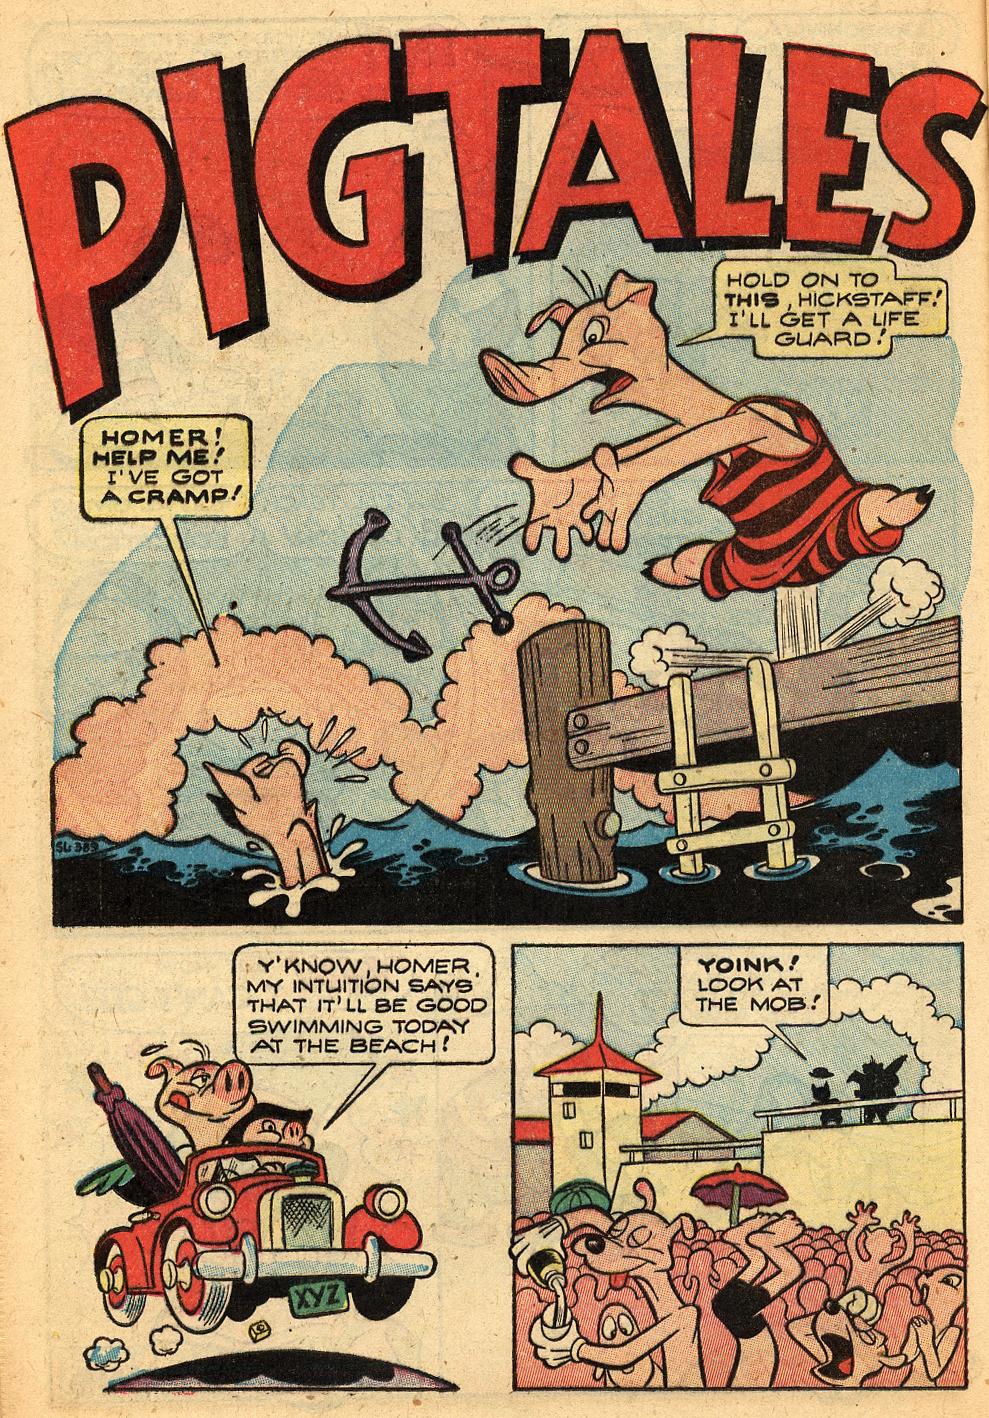 Pigtales: Comedy Comics #33 1946 > Harvey Kurtzman